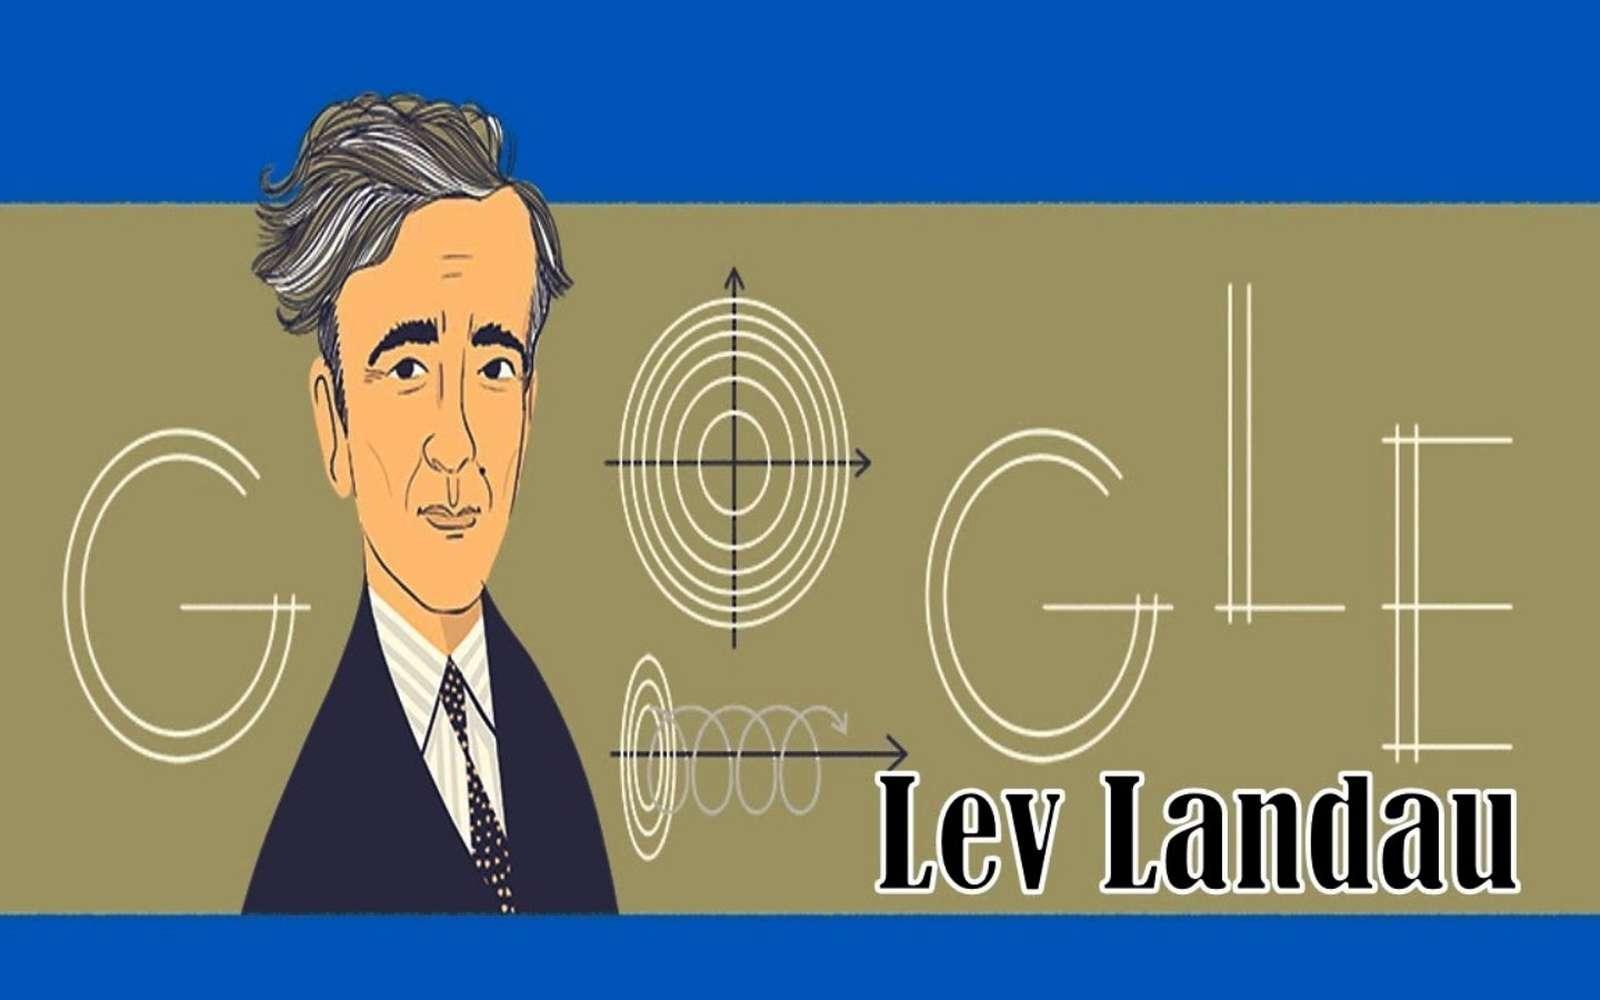 Le prix Nobel de physique Lev Landau dans le Google Doodle. © Google